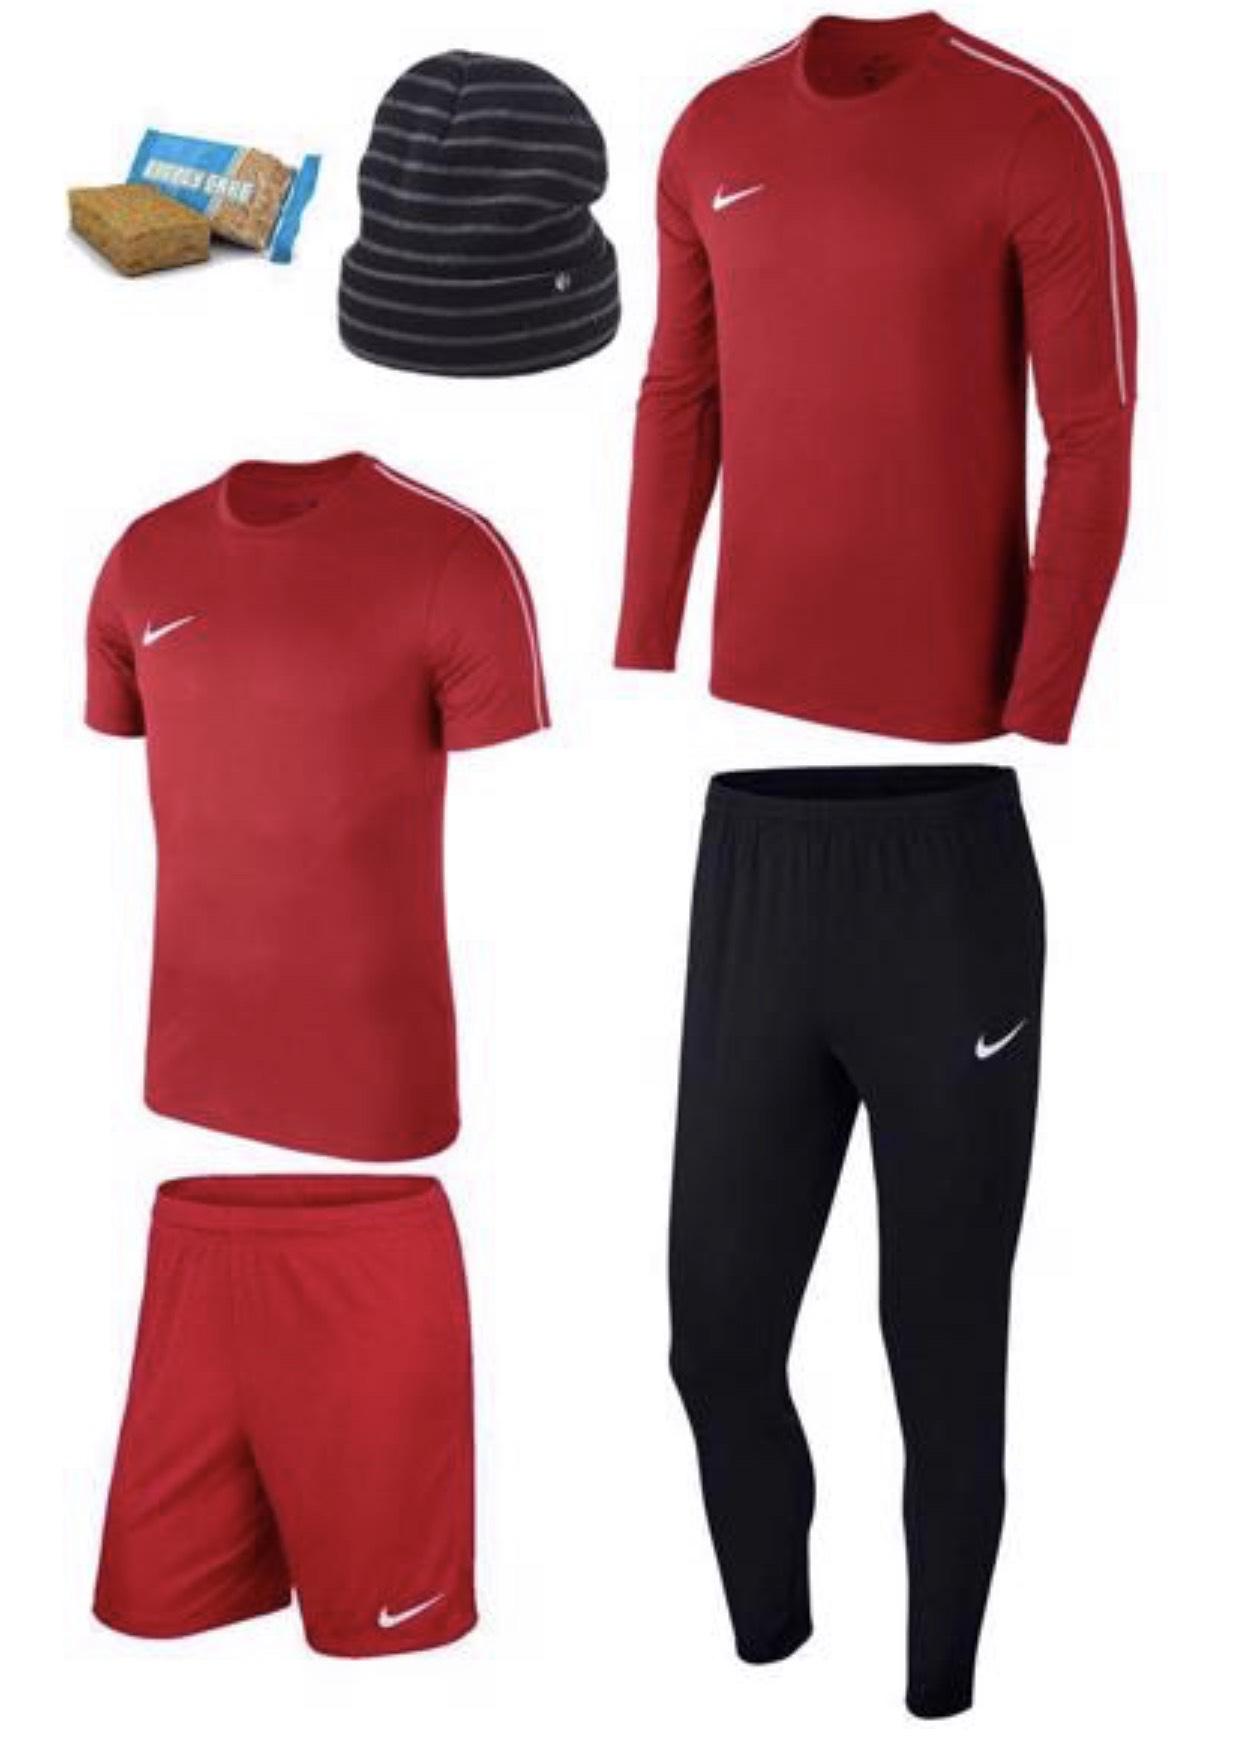 Nike Set Academy 18 4-teilig in 5 Farben+GRATIS Haube & Energy Cake Riegel für 47,95€